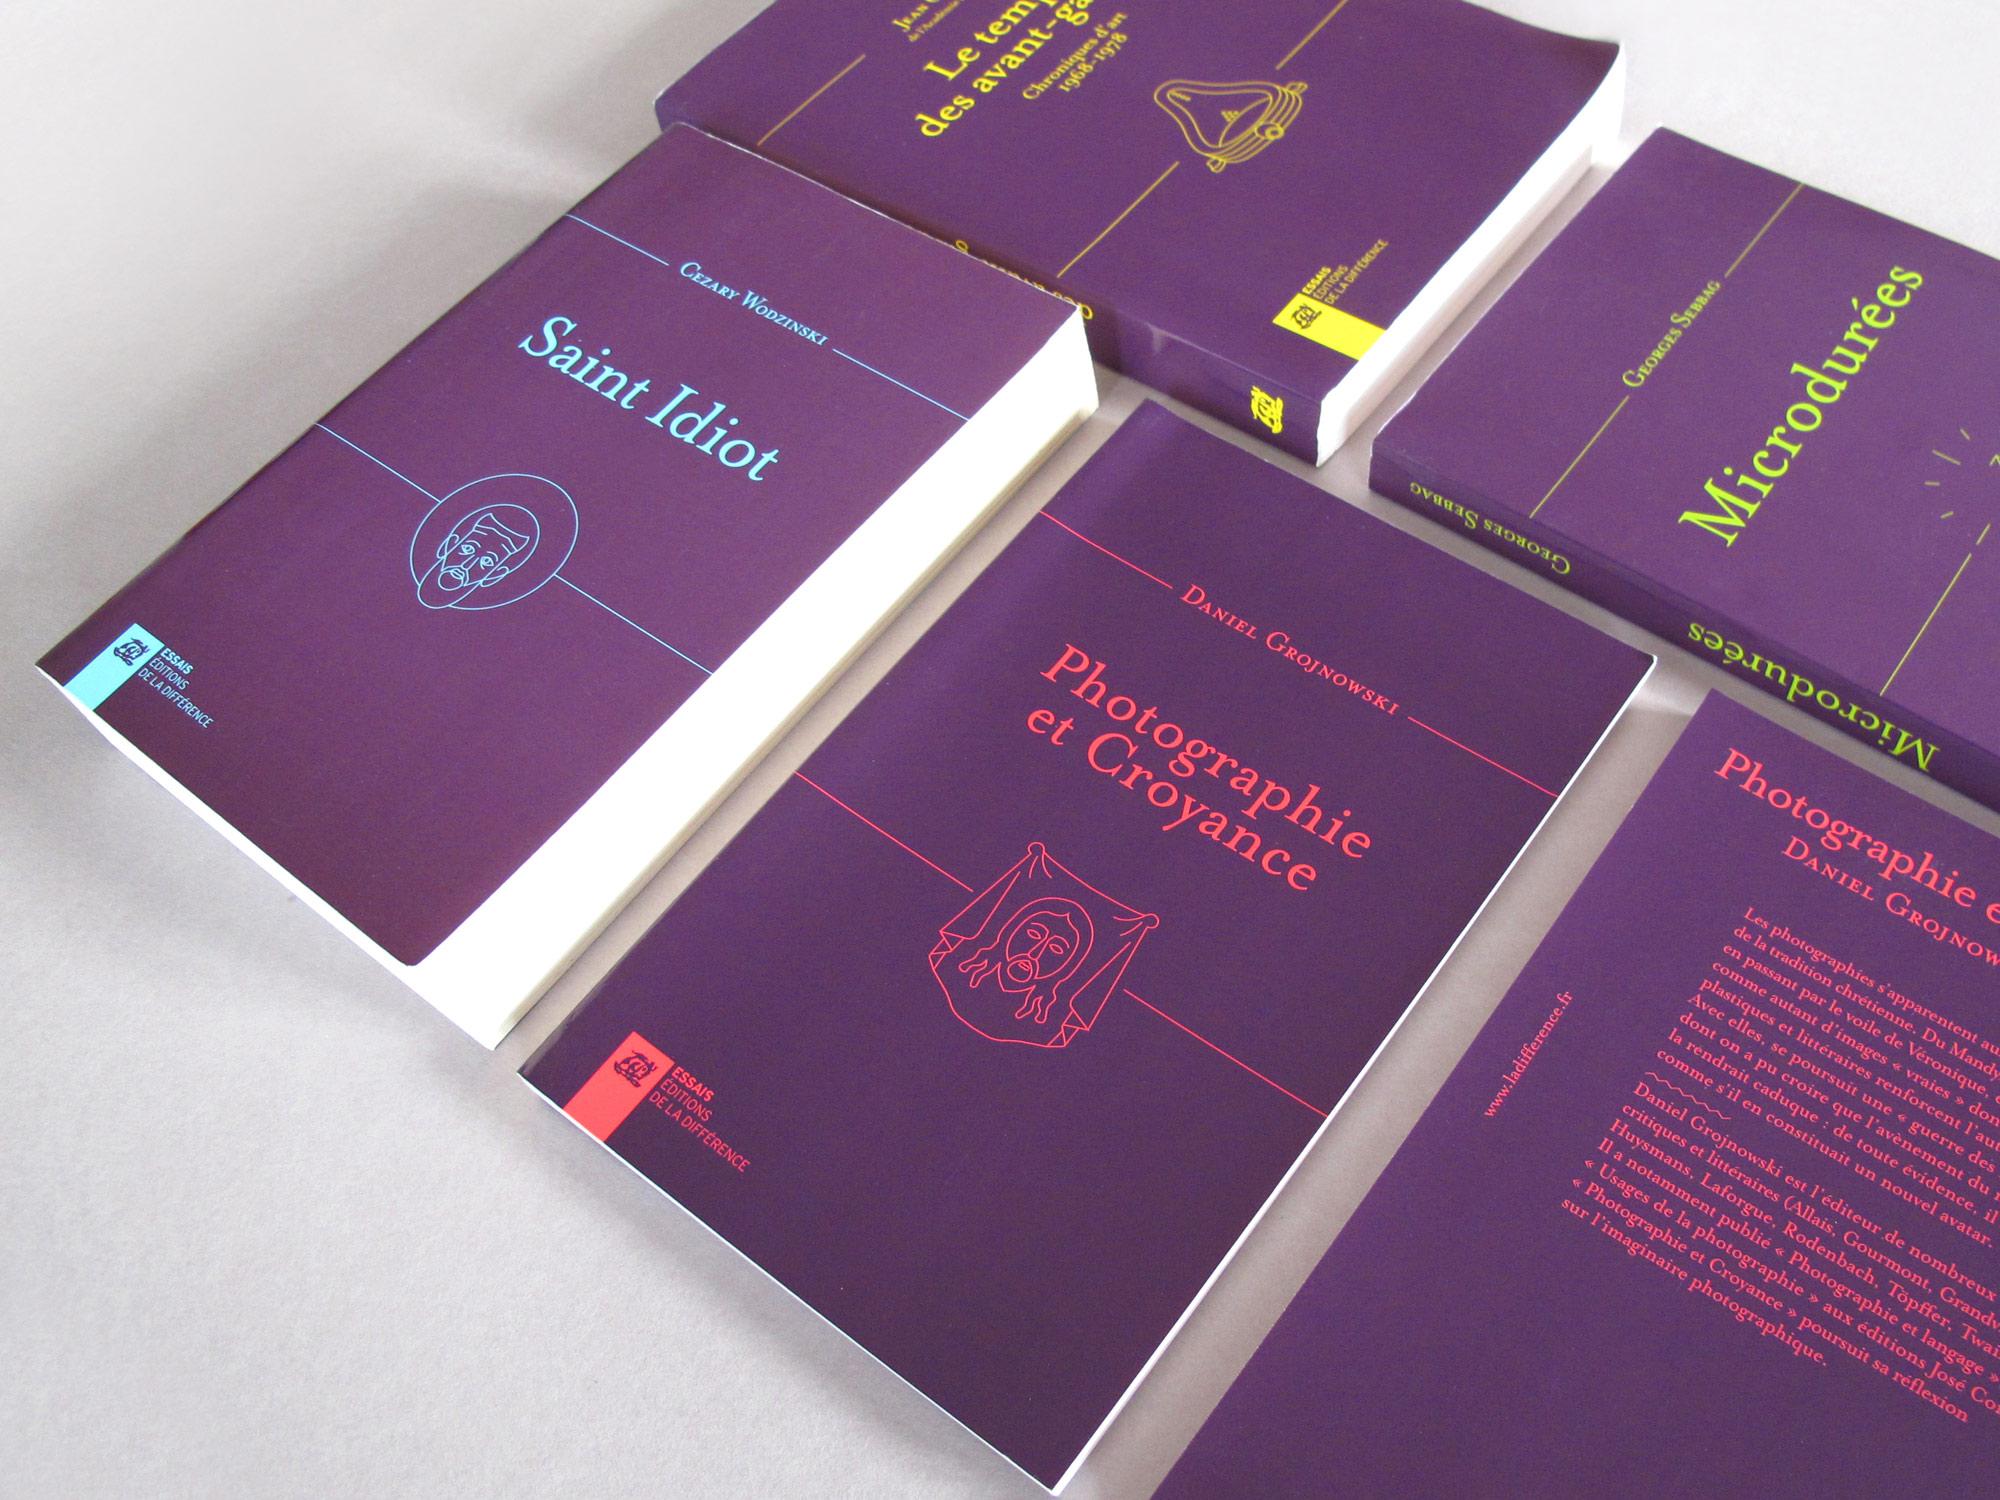 http://a-aa.fr/projet/editions-de-la-difference-essais/